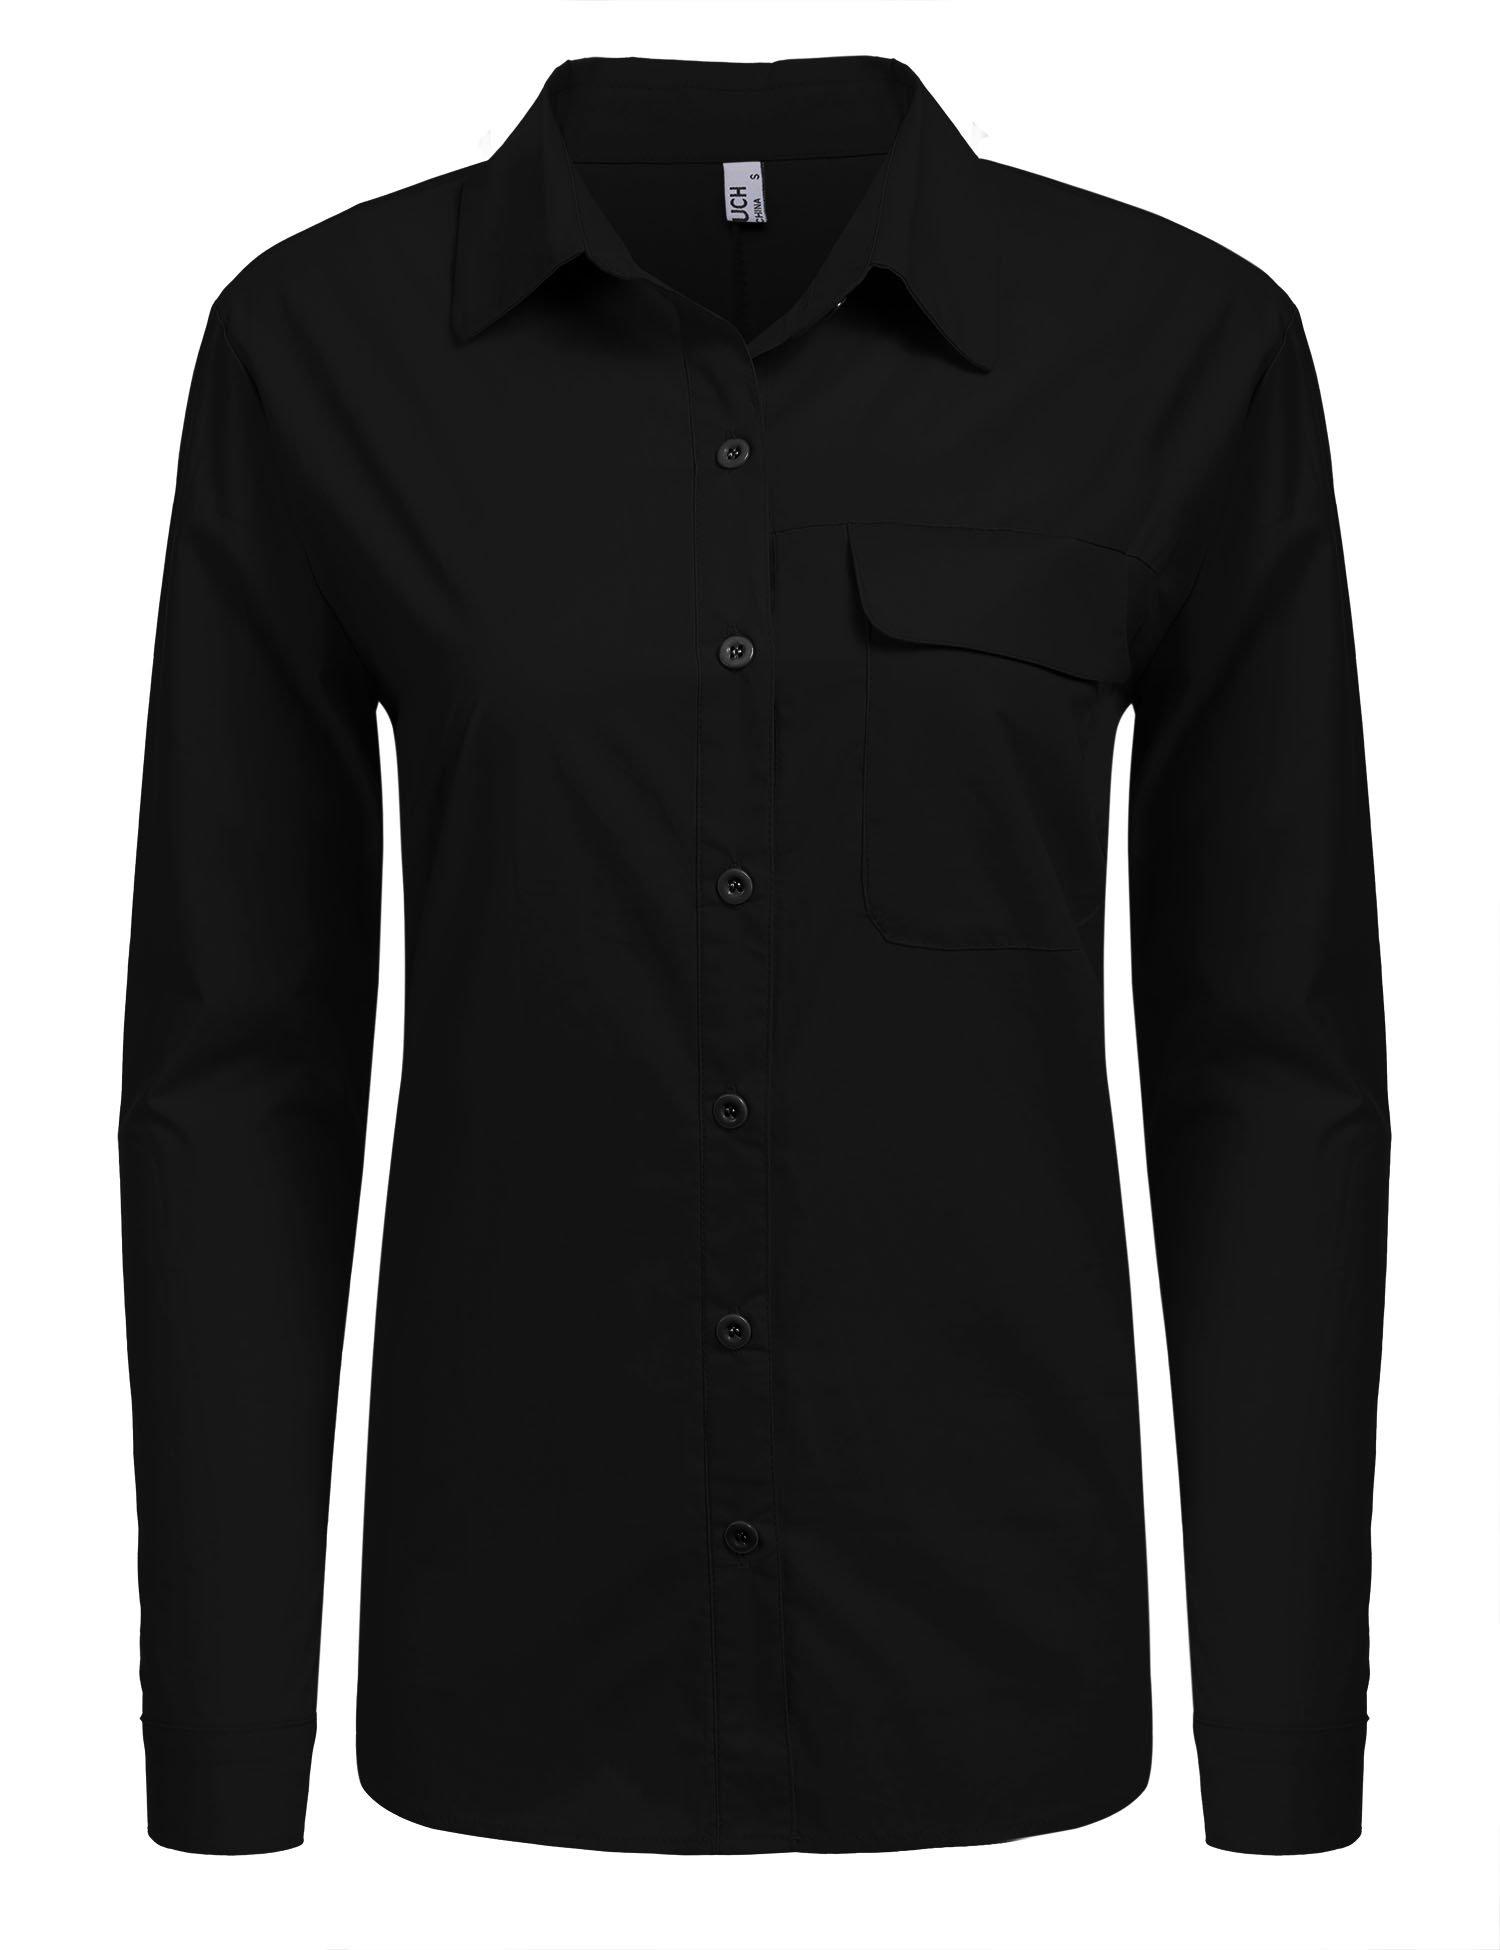 BeautyUU Damen Langarm Hemd Bluse Basic Hemd Slim Fit Arbeitshemd Freizeithemd Mit Verstellbaren Ärmeln Schwarz S